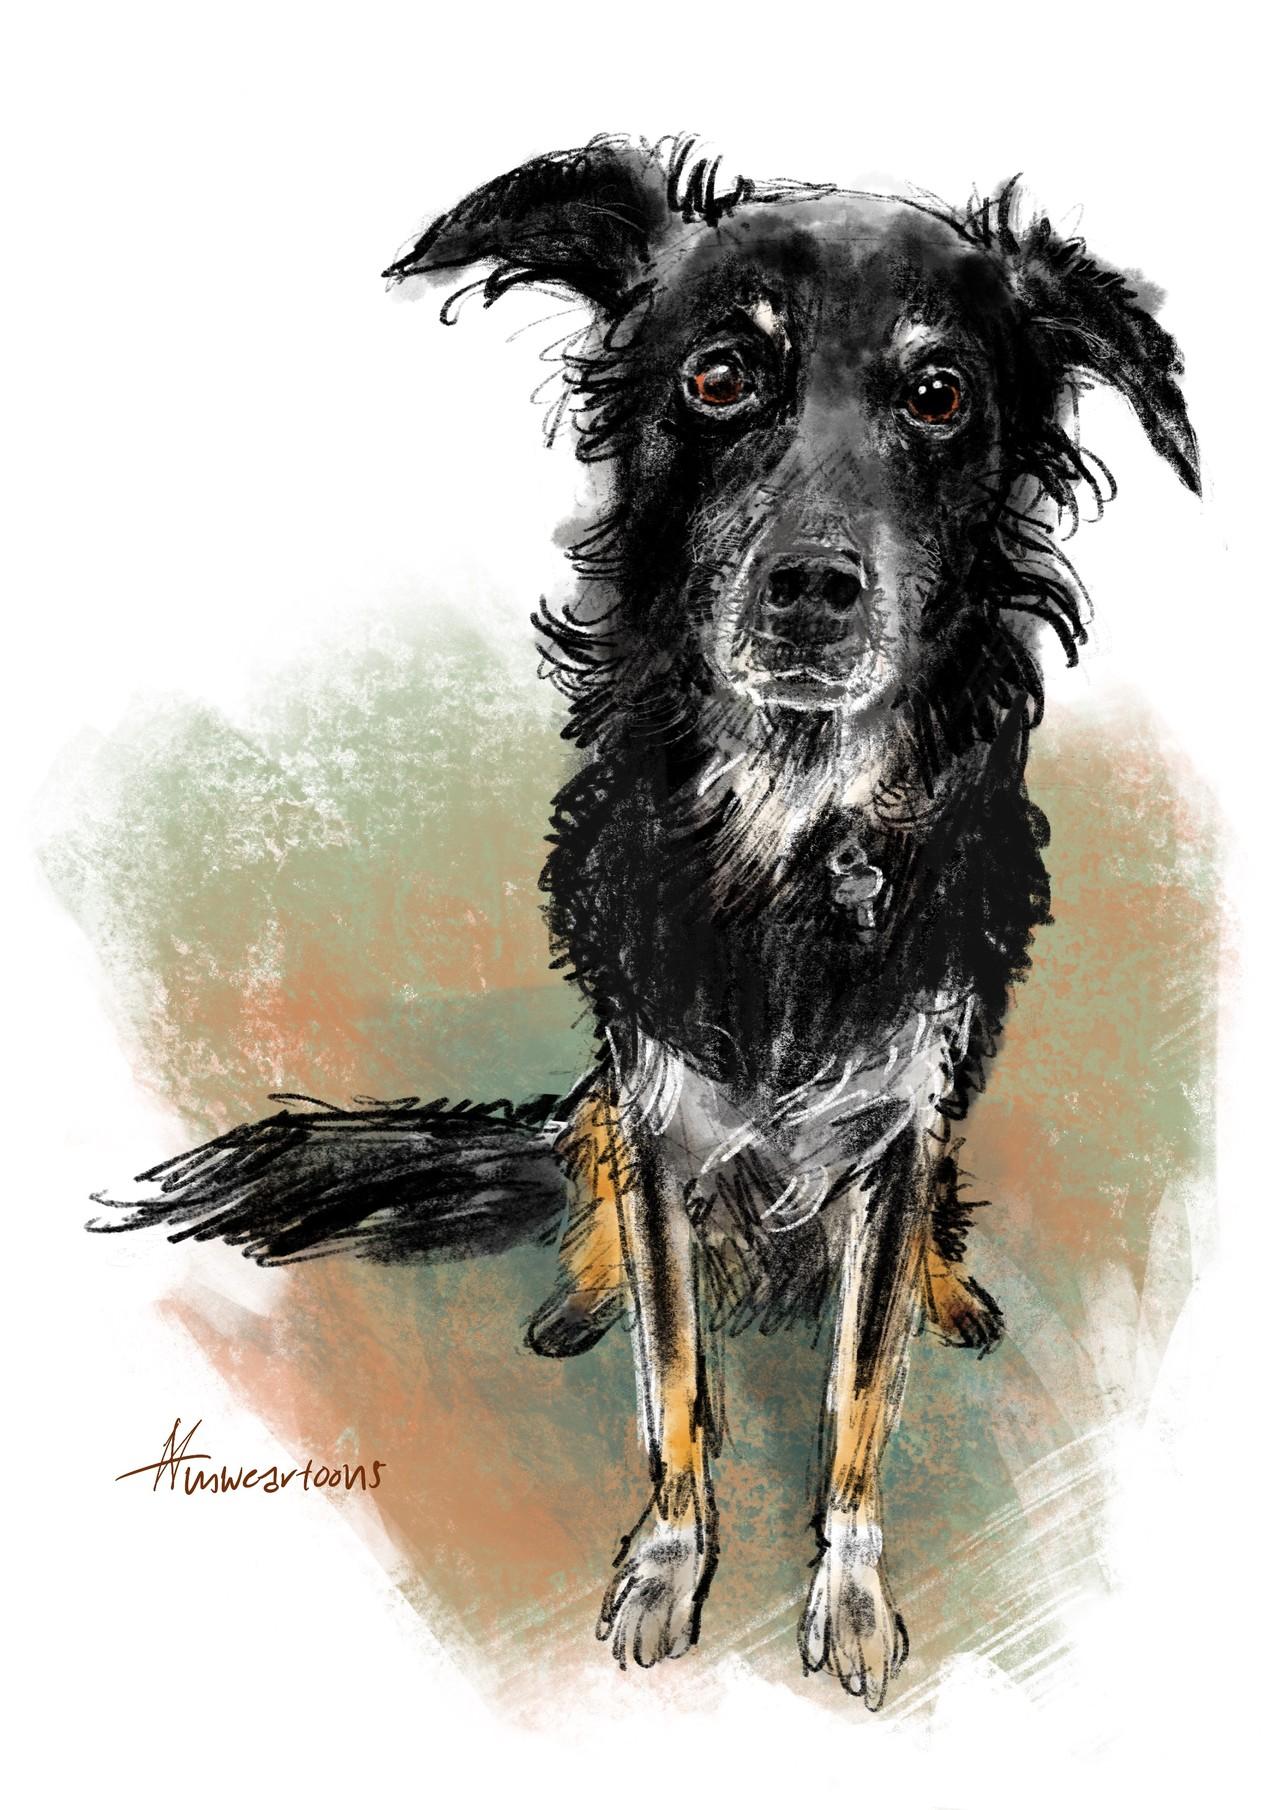 De jarige Norah van hondenverzorgster Marianne, getekend door Maarten Wolterink.